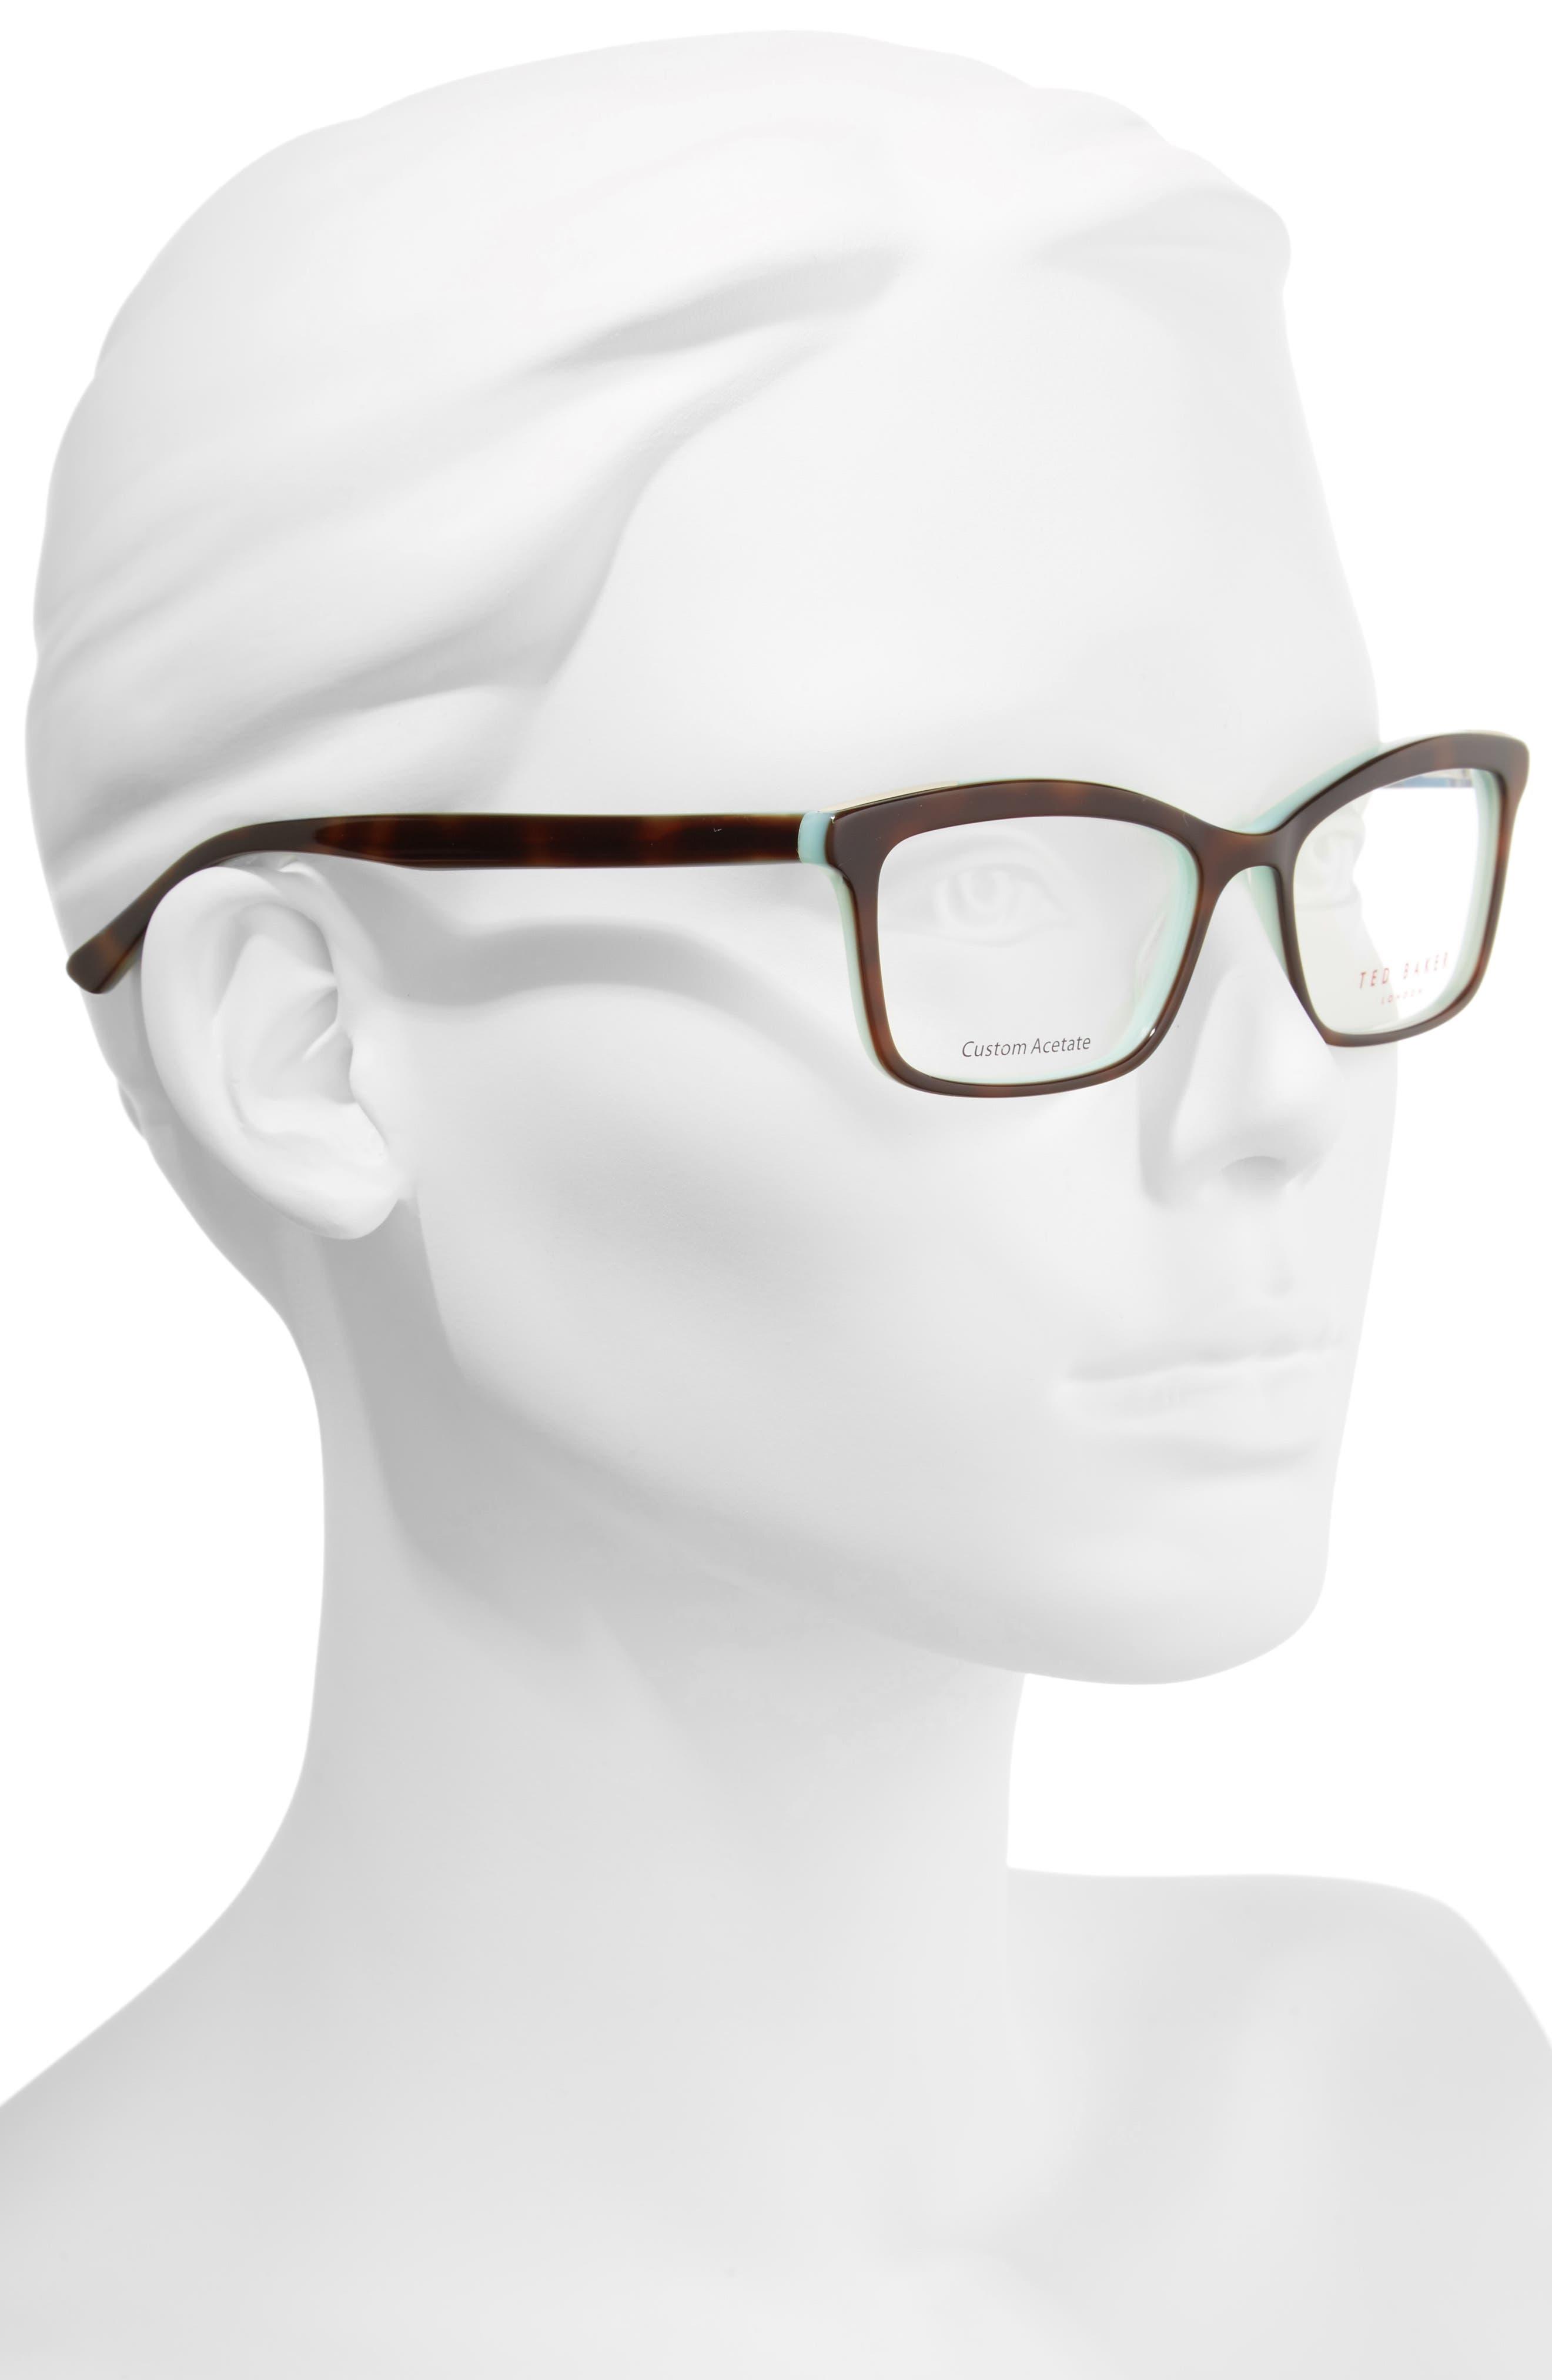 52mm Optical Glasses,                             Alternate thumbnail 2, color,                             Tortoise